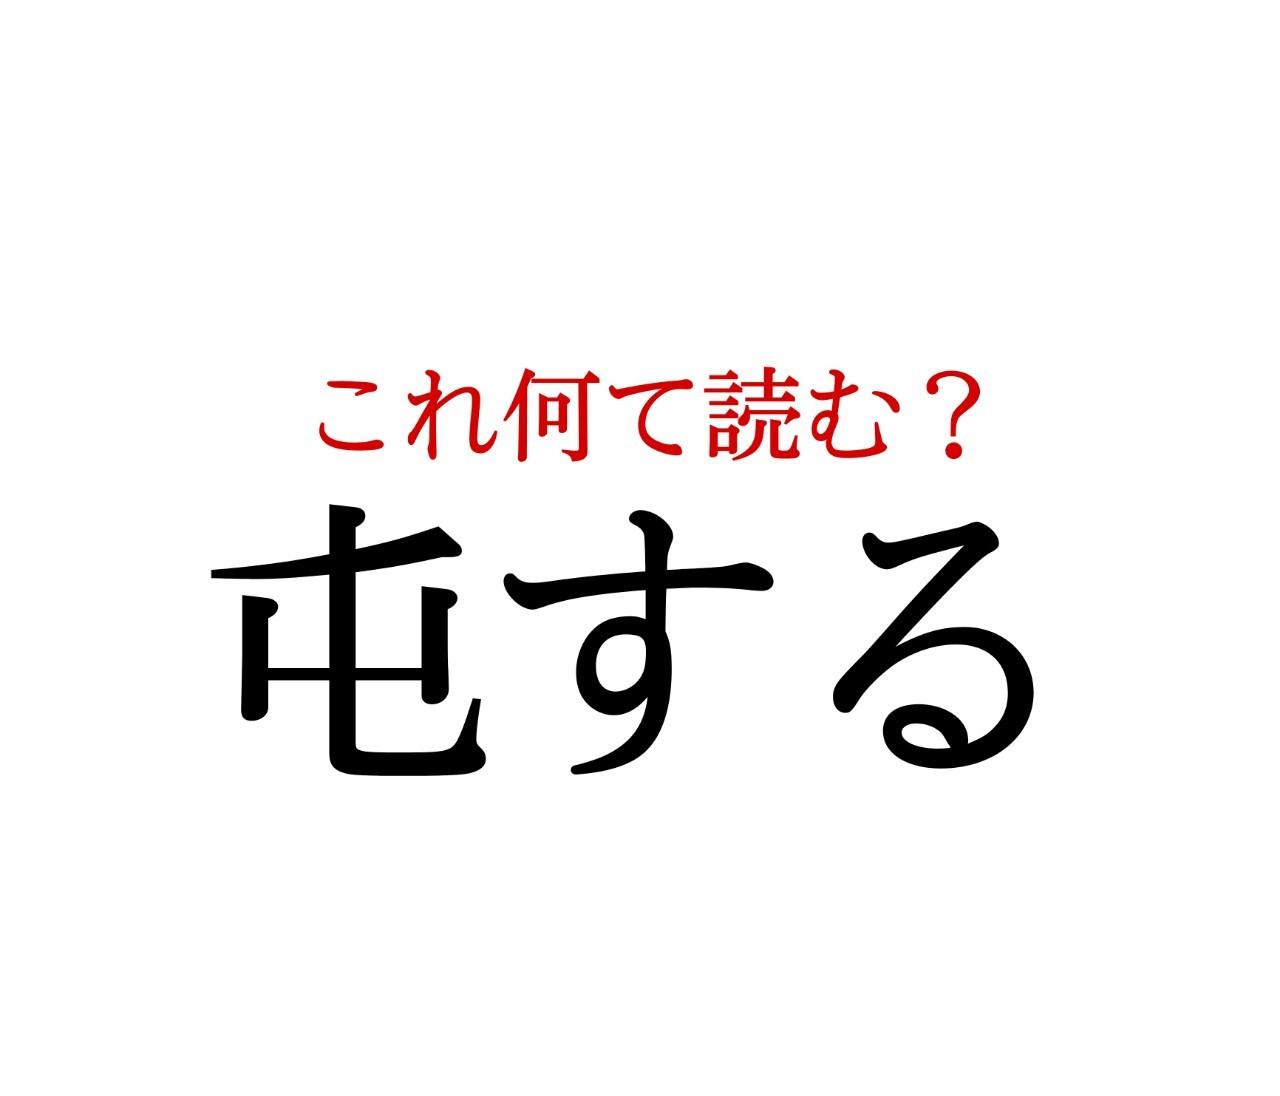 「屯する」:この漢字、自信を持って読めますか?【働く大人の漢字クイズvol.149】